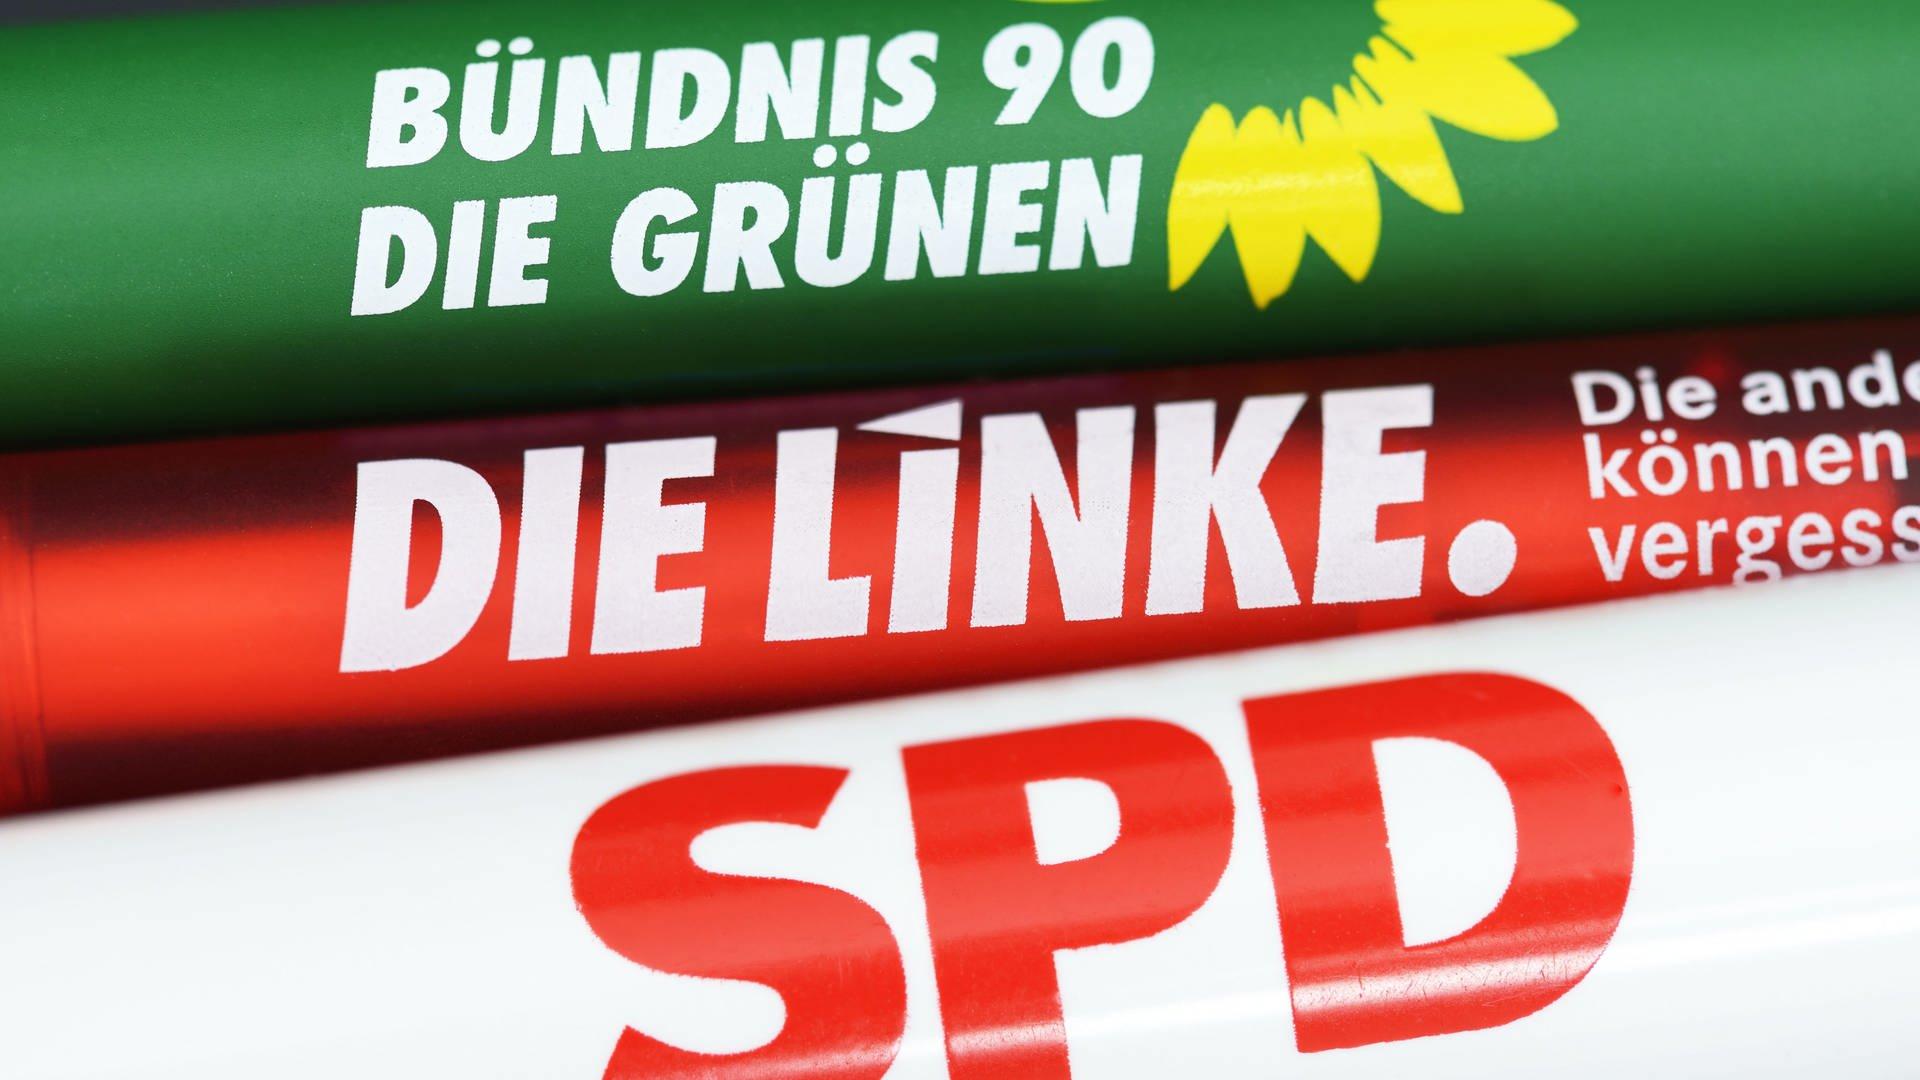 Solidarität statt Genderklo – Braucht linke Politik eine neue Ausrichtung?